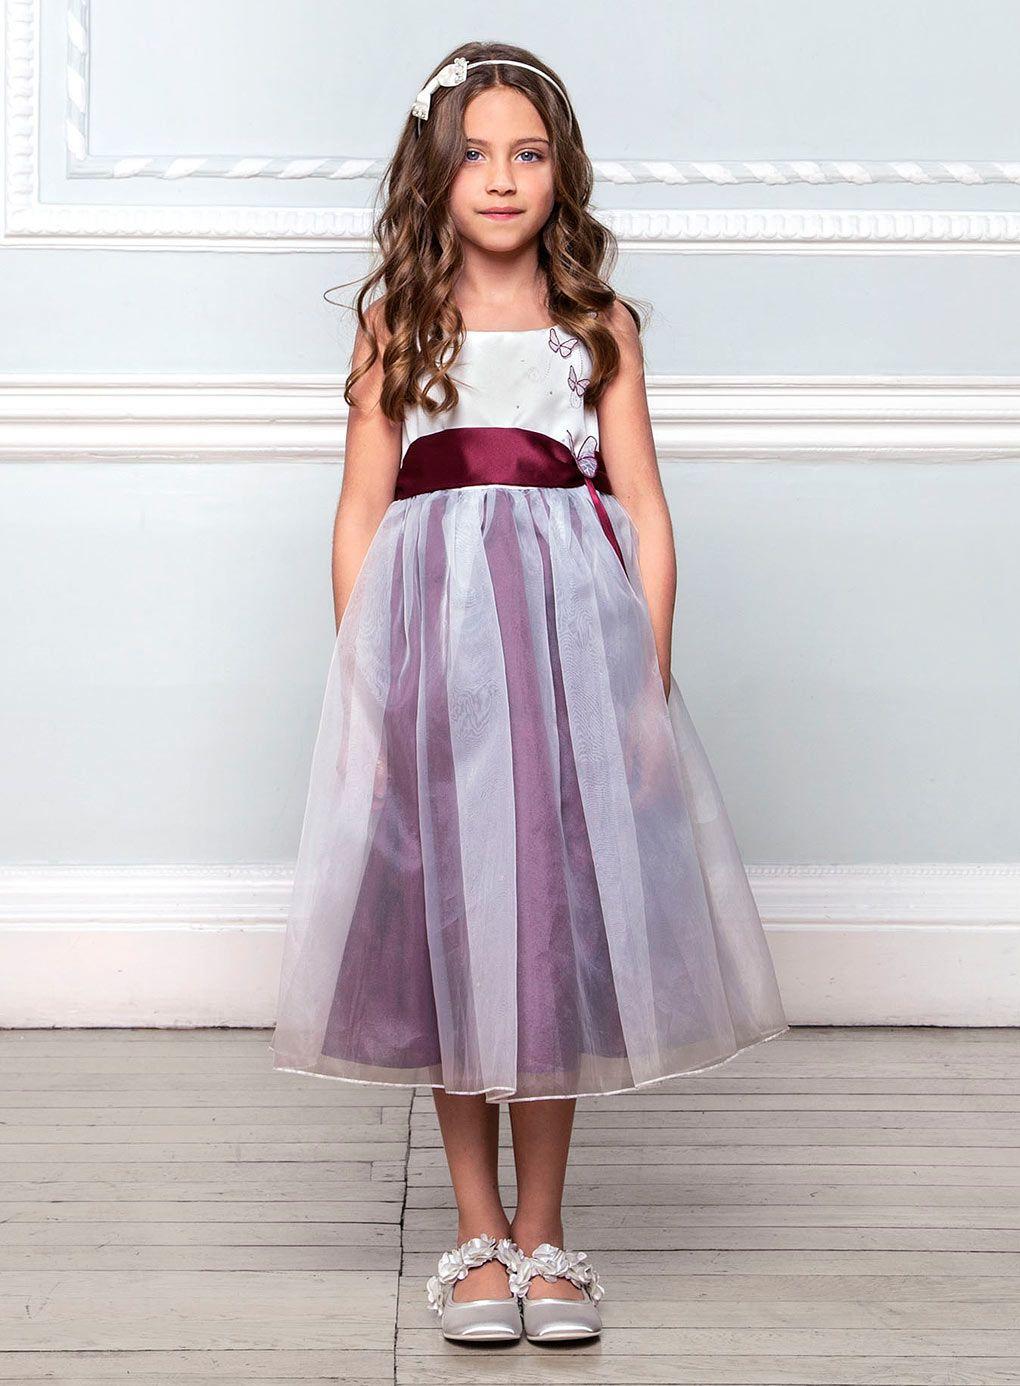 Younggirlsbridesmaiddresses butterfly merlot bridesmaid dress younggirlsbridesmaiddresses butterfly merlot bridesmaid dress ombrellifo Images